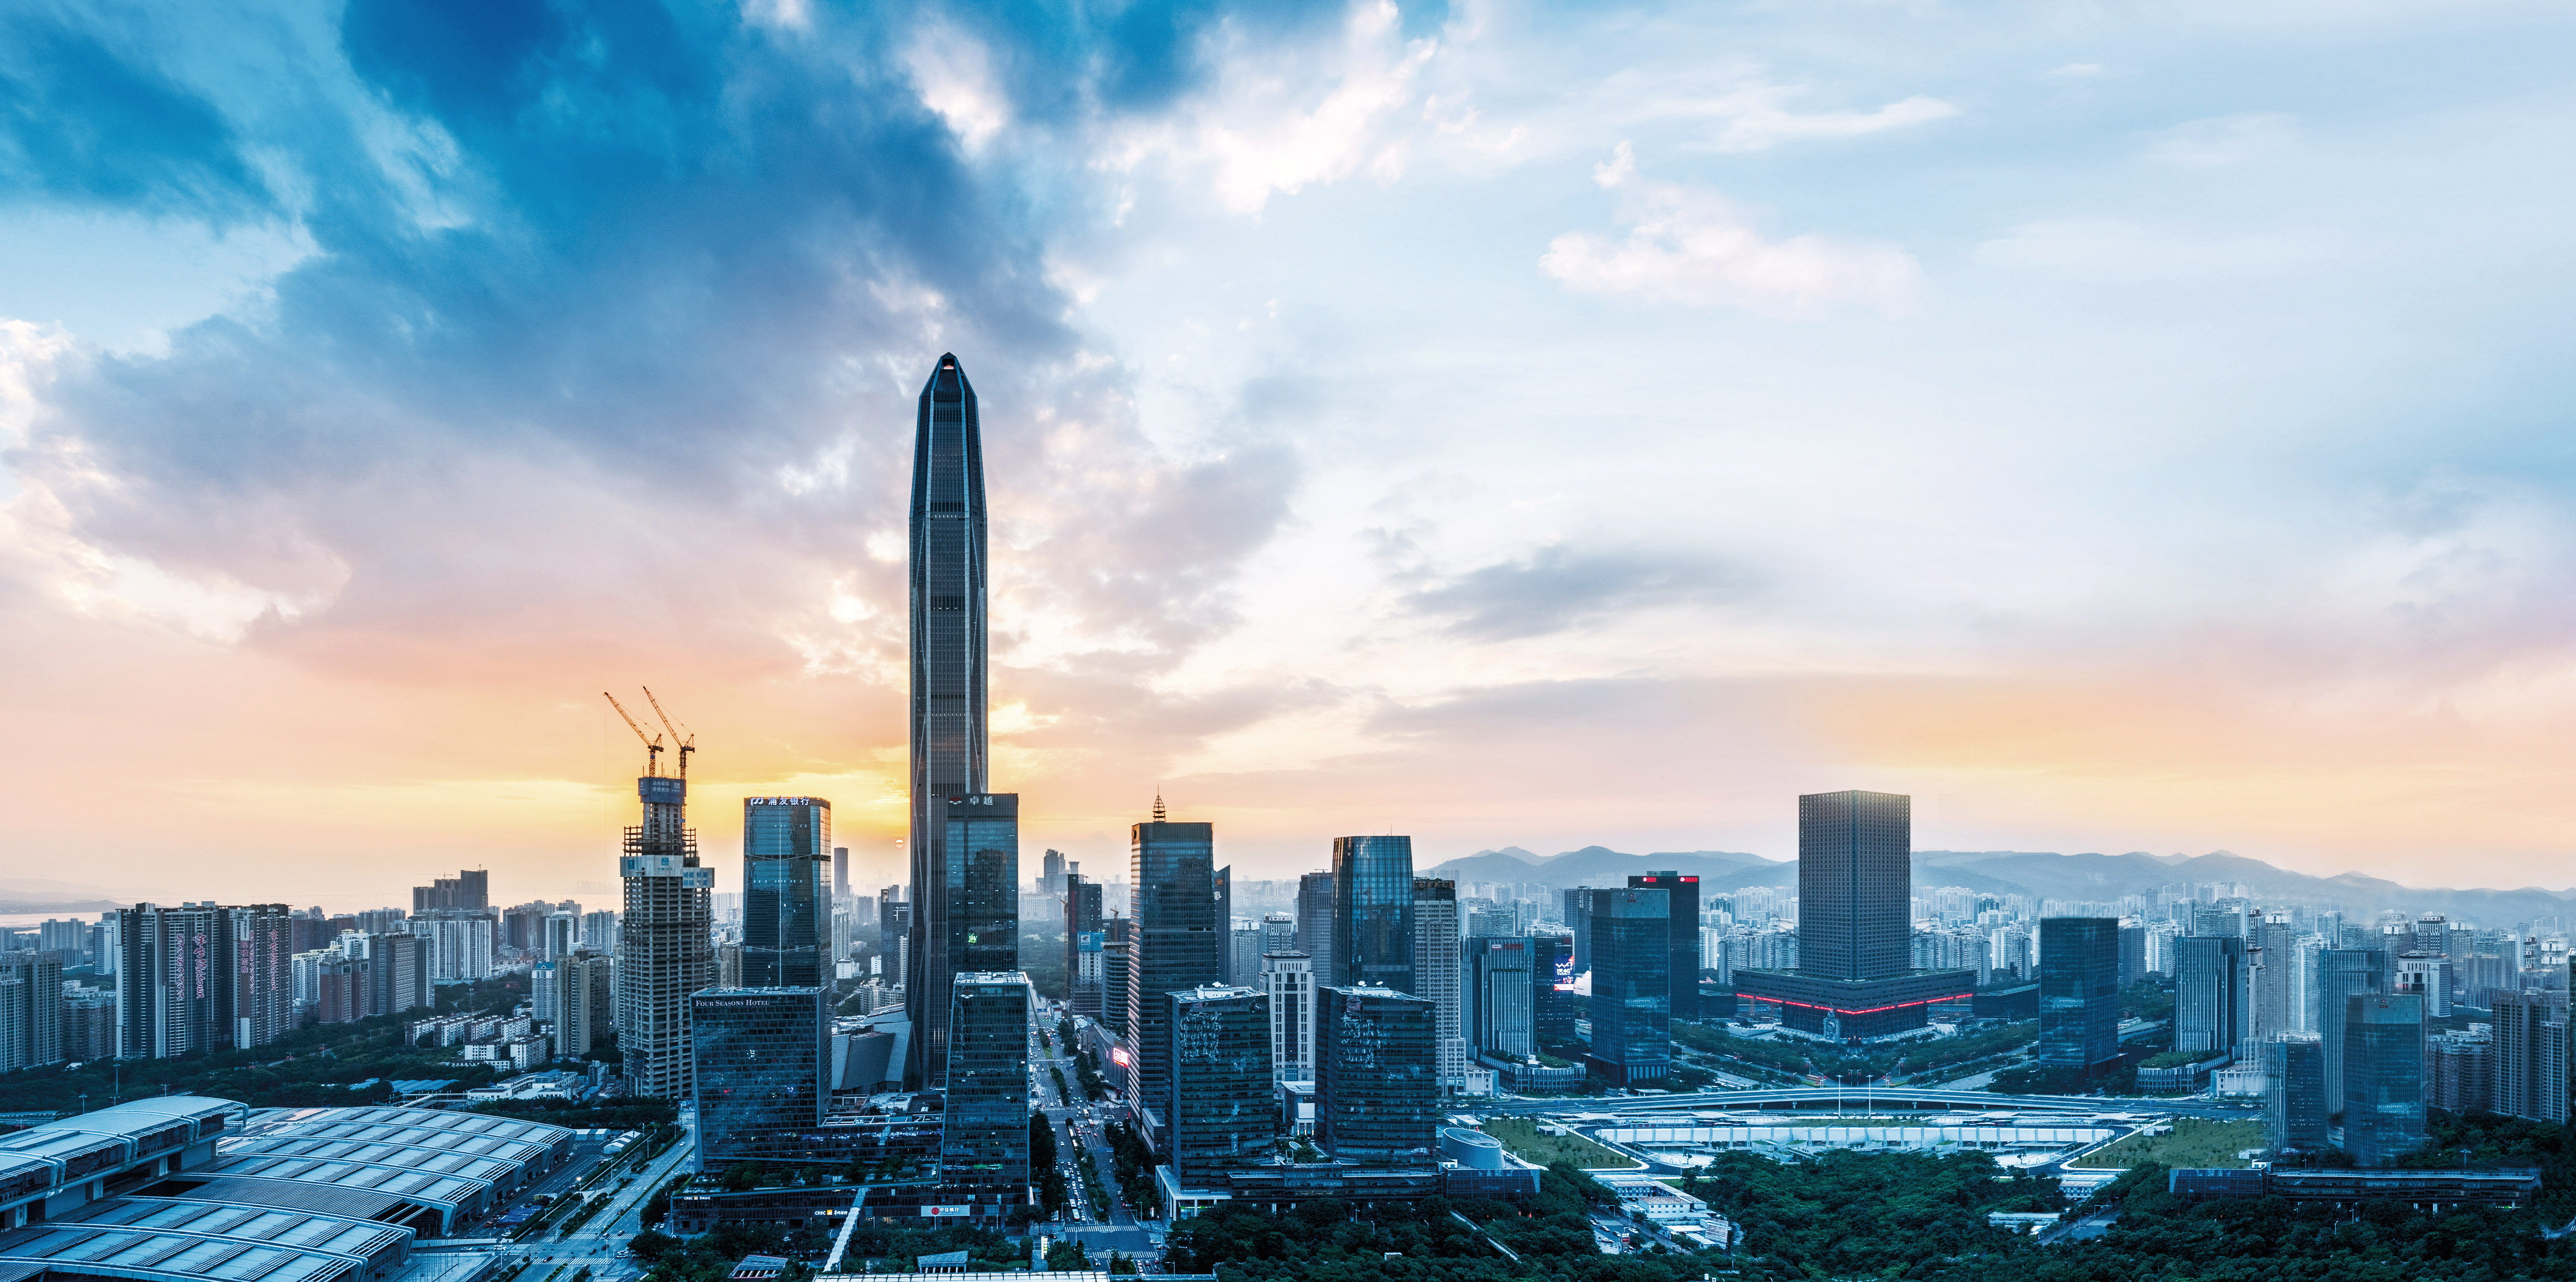 深圳市写字楼市场空置率处于合理区间